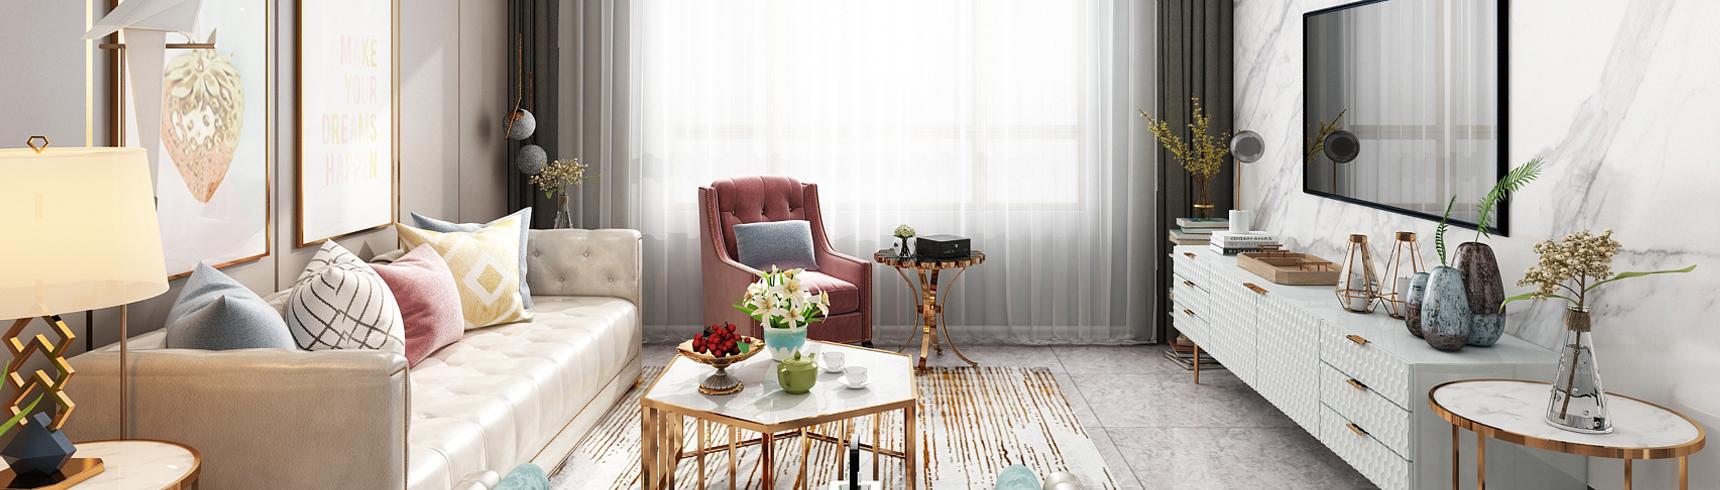 现代轻奢客餐厅 沙发茶几 吊灯 挂画 电视柜 餐桌椅3D模型下载